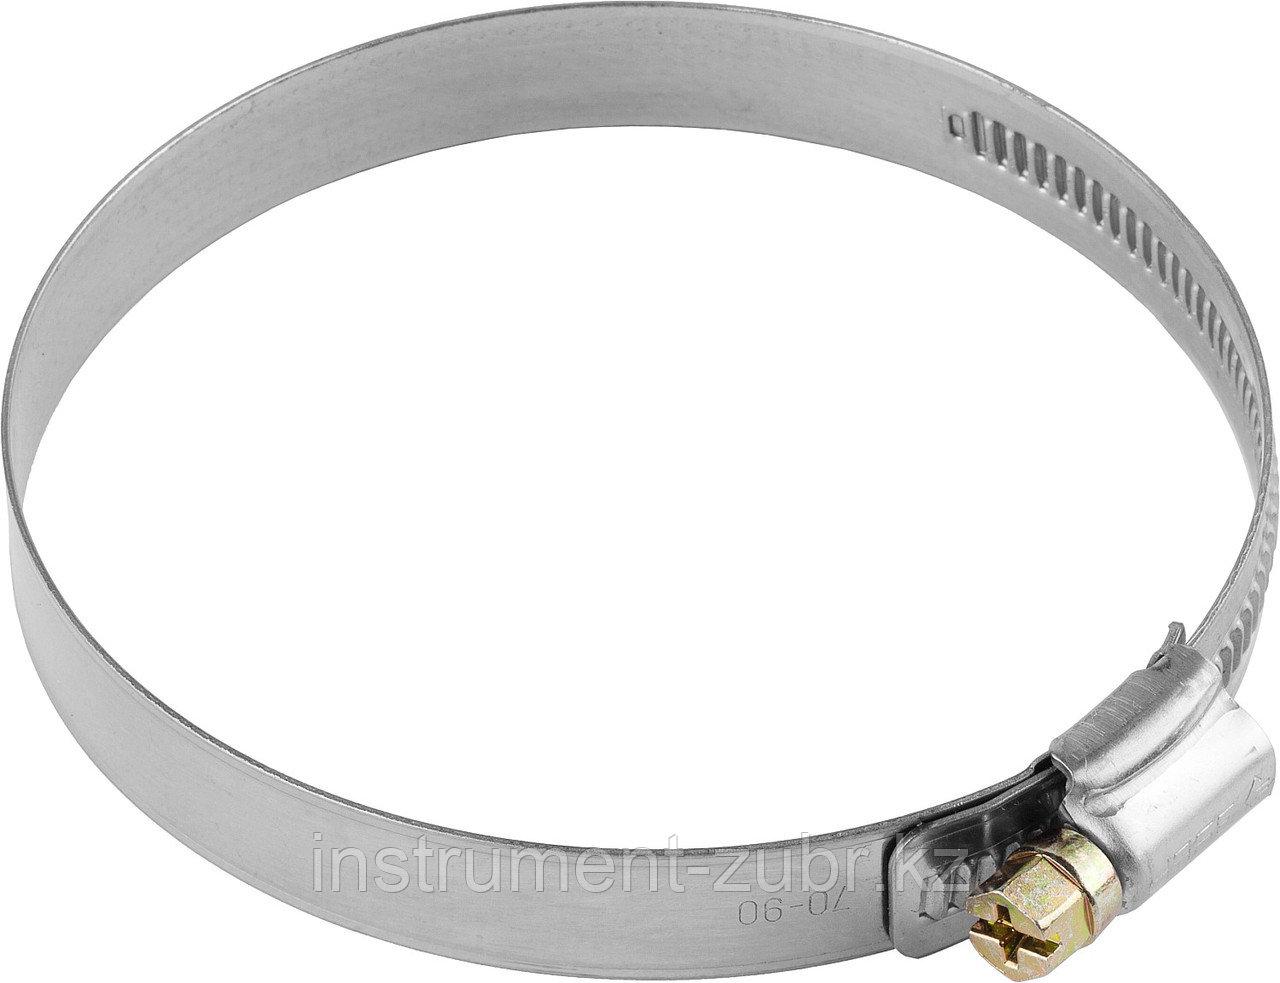 Хомуты, нерж. сталь, накатная лента 12 мм, 35-50 мм, 100 шт, ЗУБР Профессионал